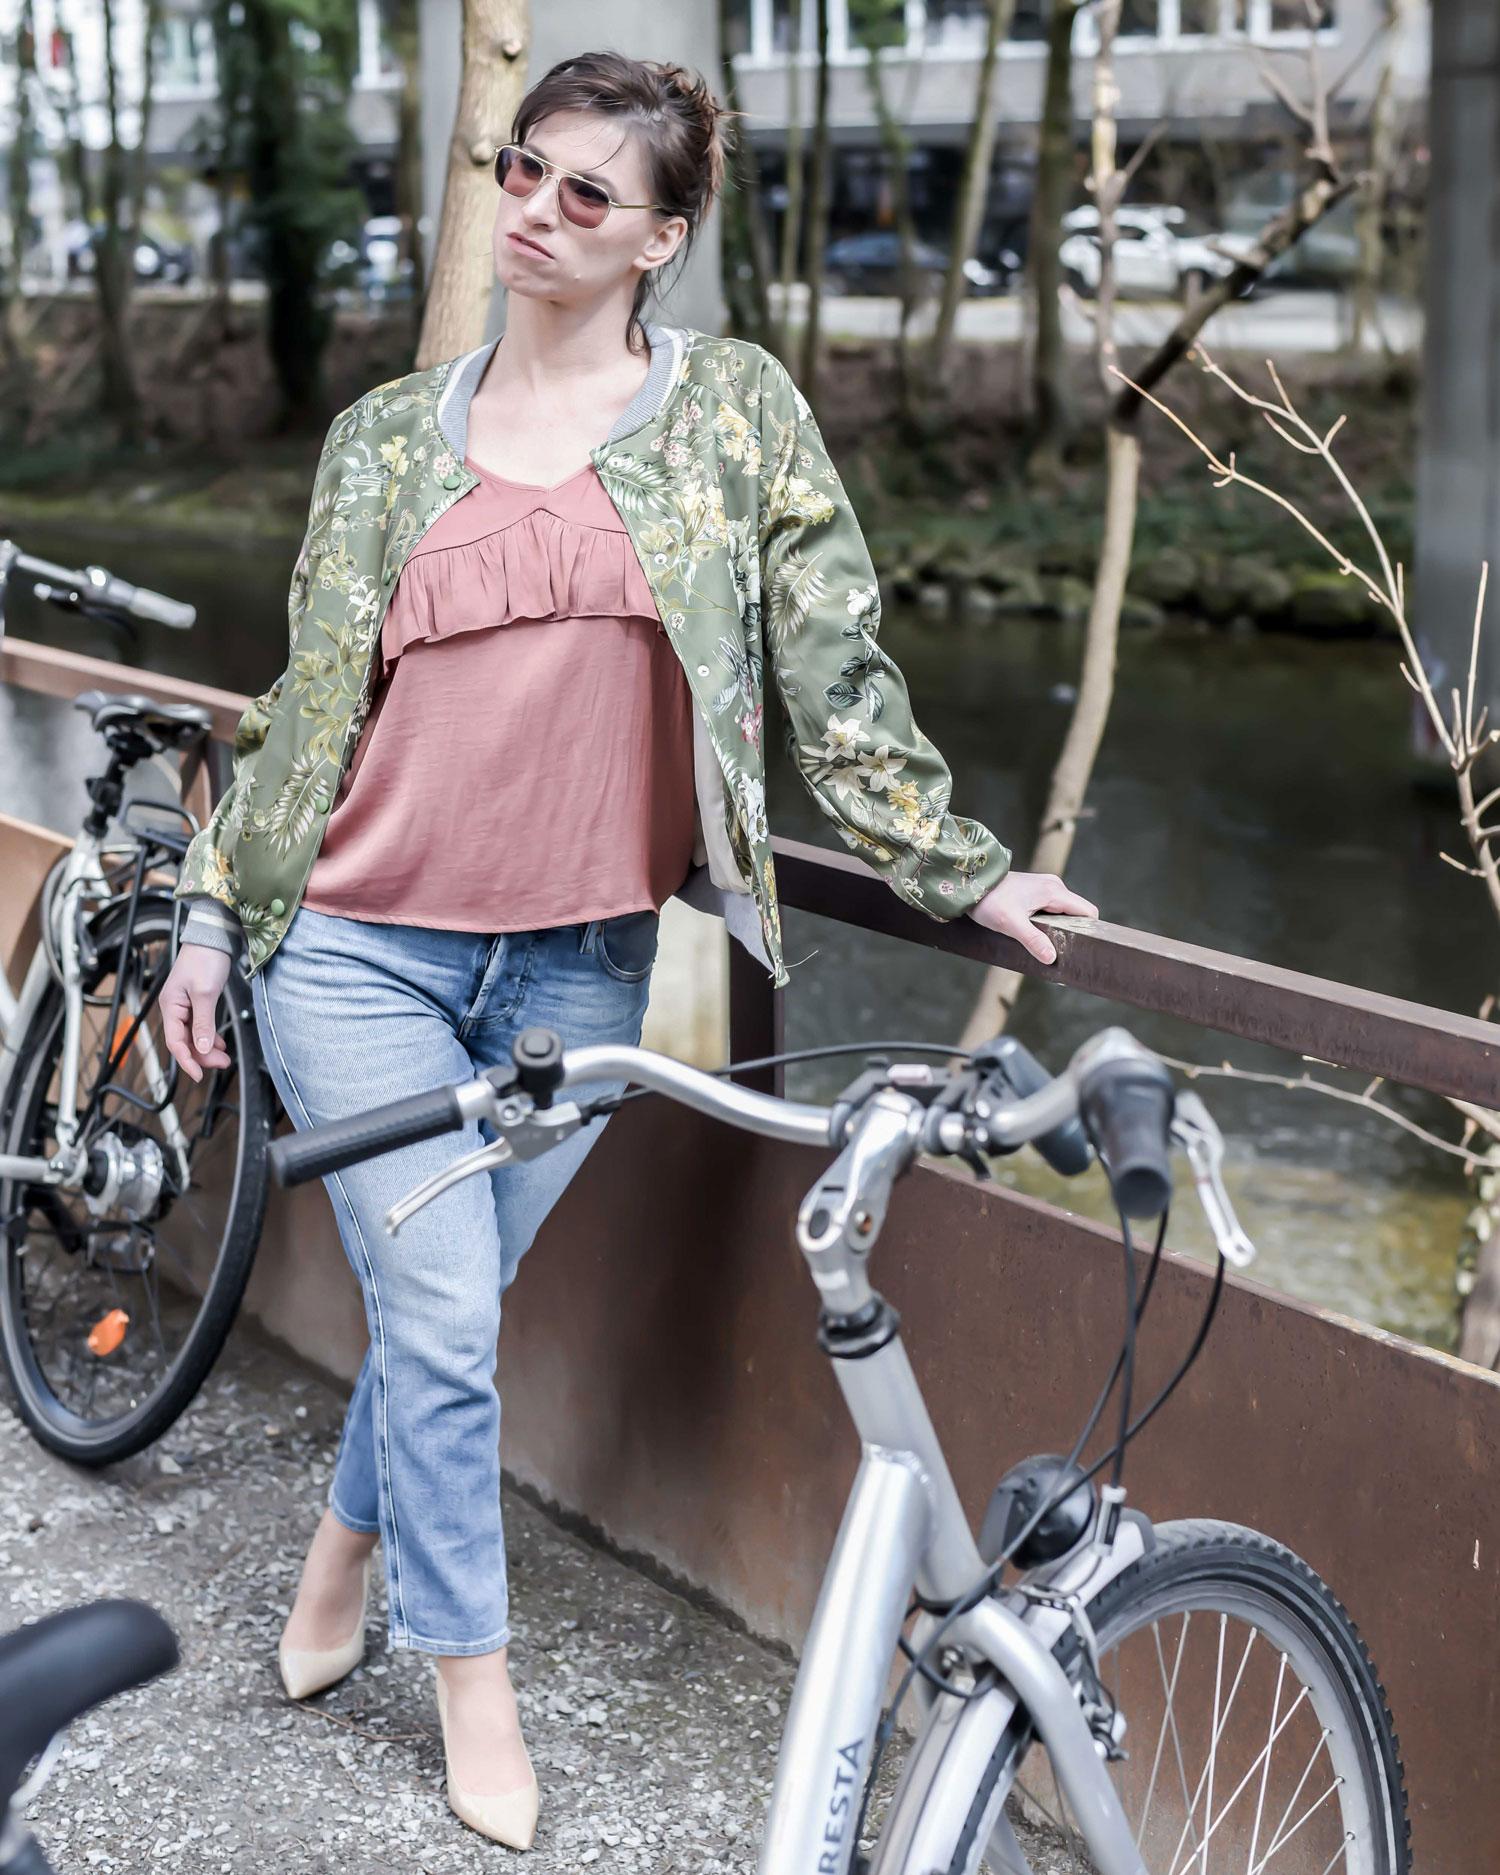 Basics: Regular Waist Jeans von Diesel, Spagettiträger Top von Scotch & Soda, Bomberjacke von Motel